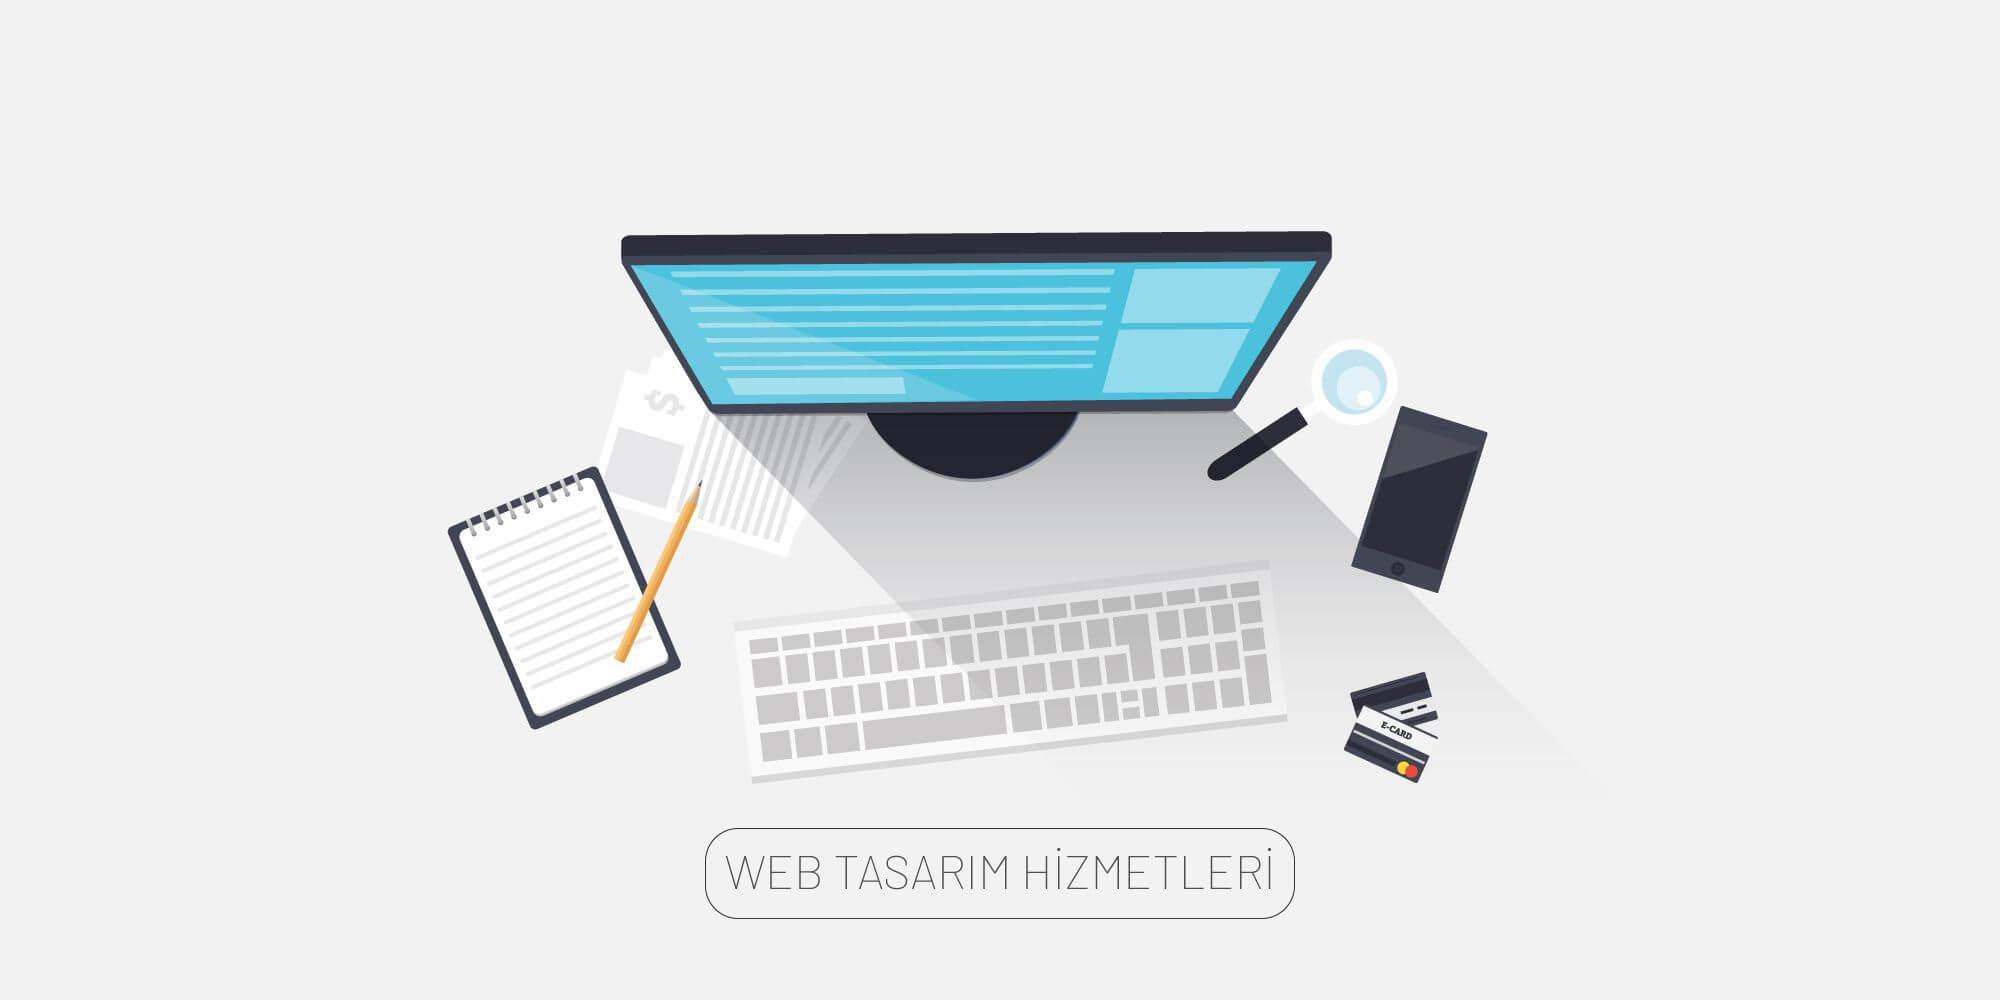 web tasarım hizmetleri, özel web yazılım, web tabanlı yazılımlar, vanda yazılım, mobil uygulama